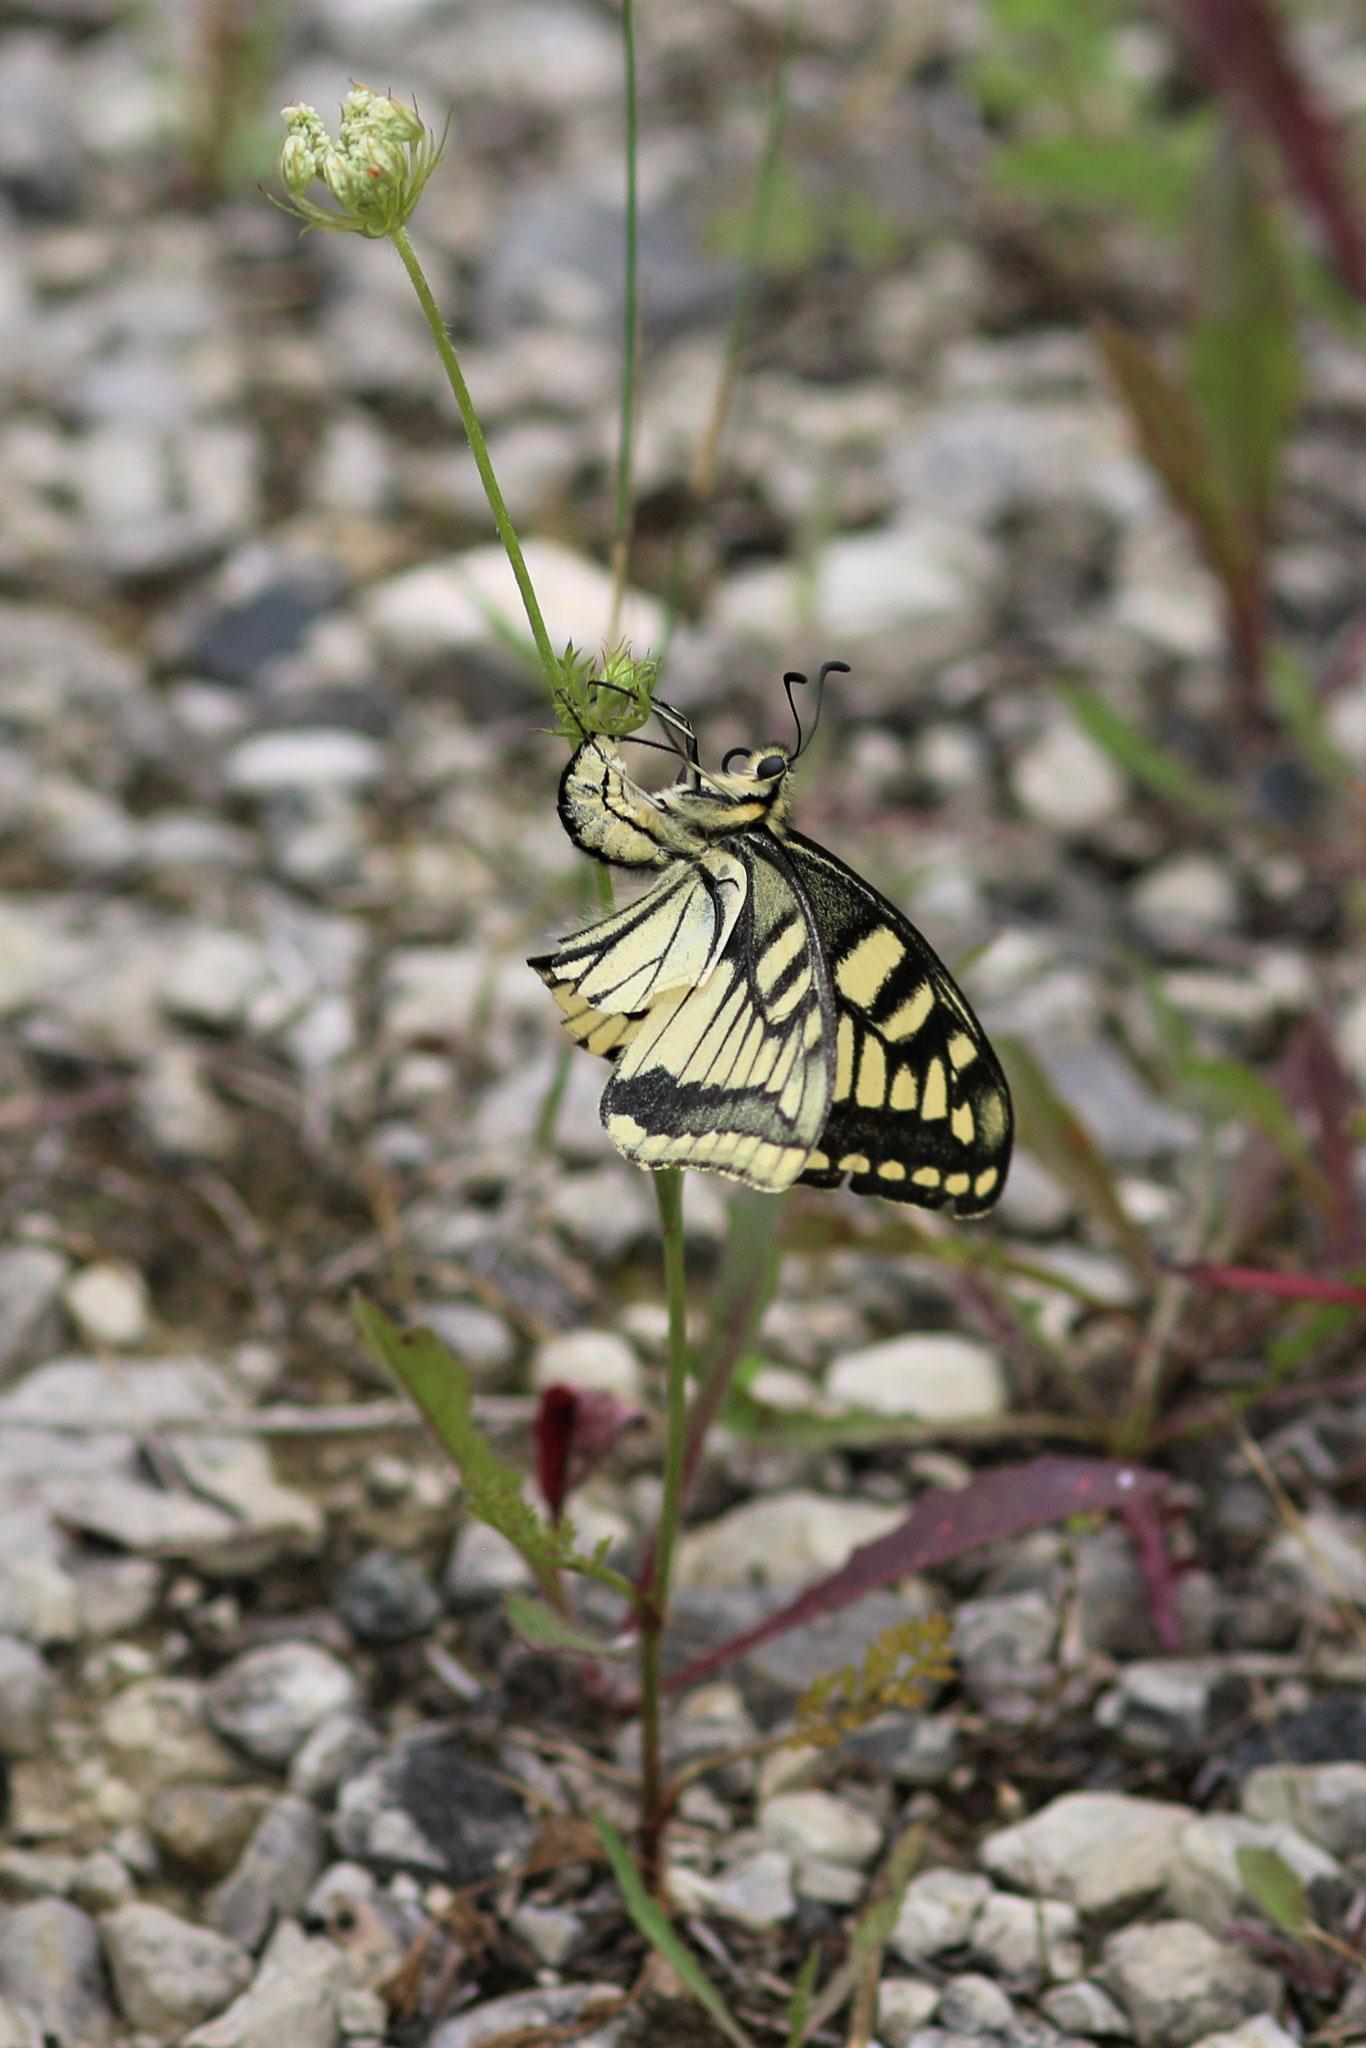 Schwalbenschwanz, Weibchen, Eiablage